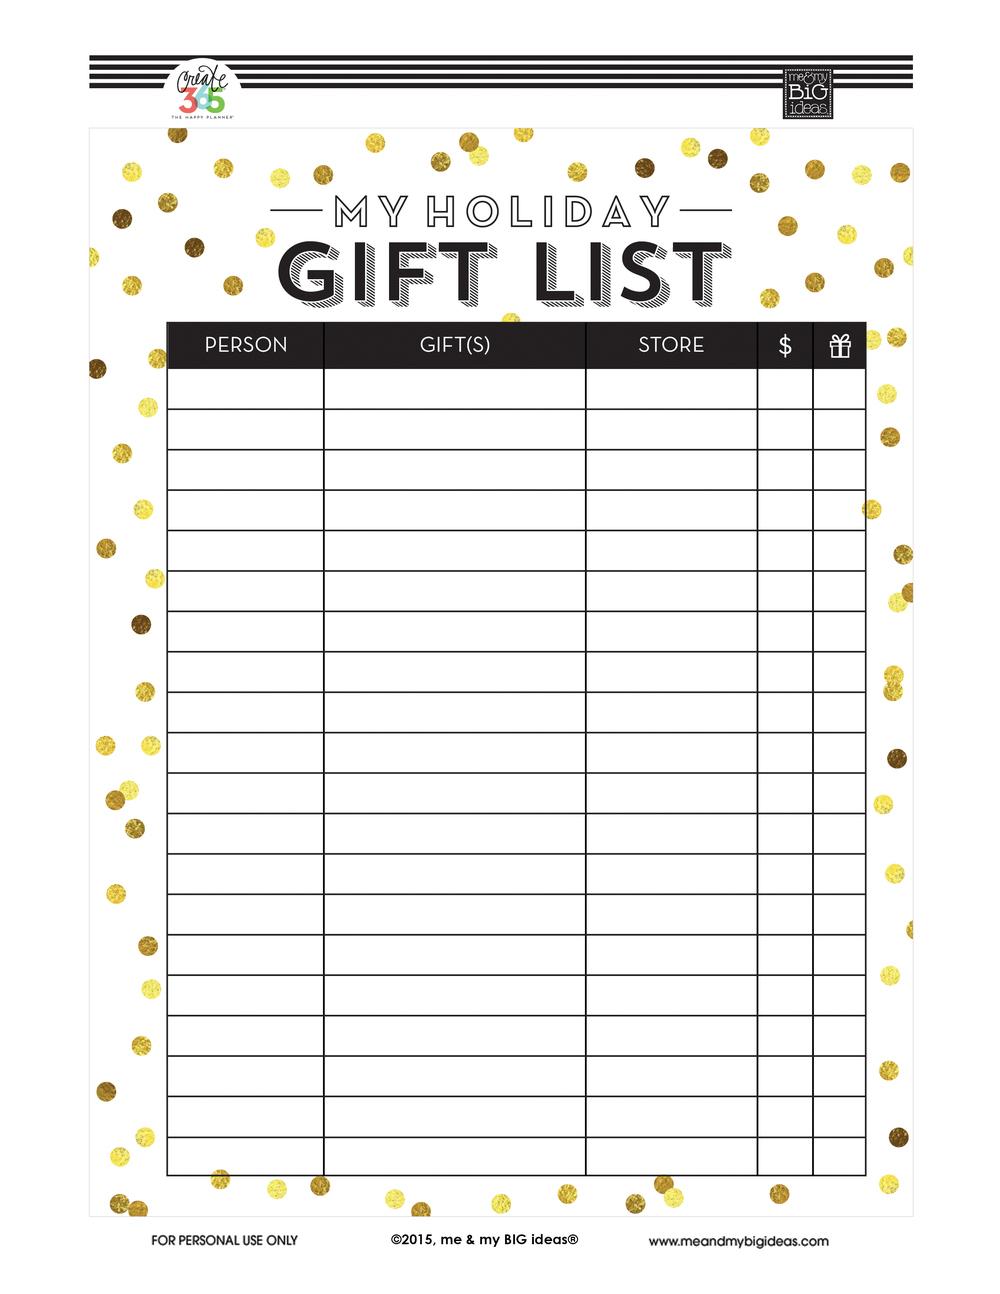 Holiday Gift List' Free Printables — Me & My Big Ideas - Free Printable Gift List